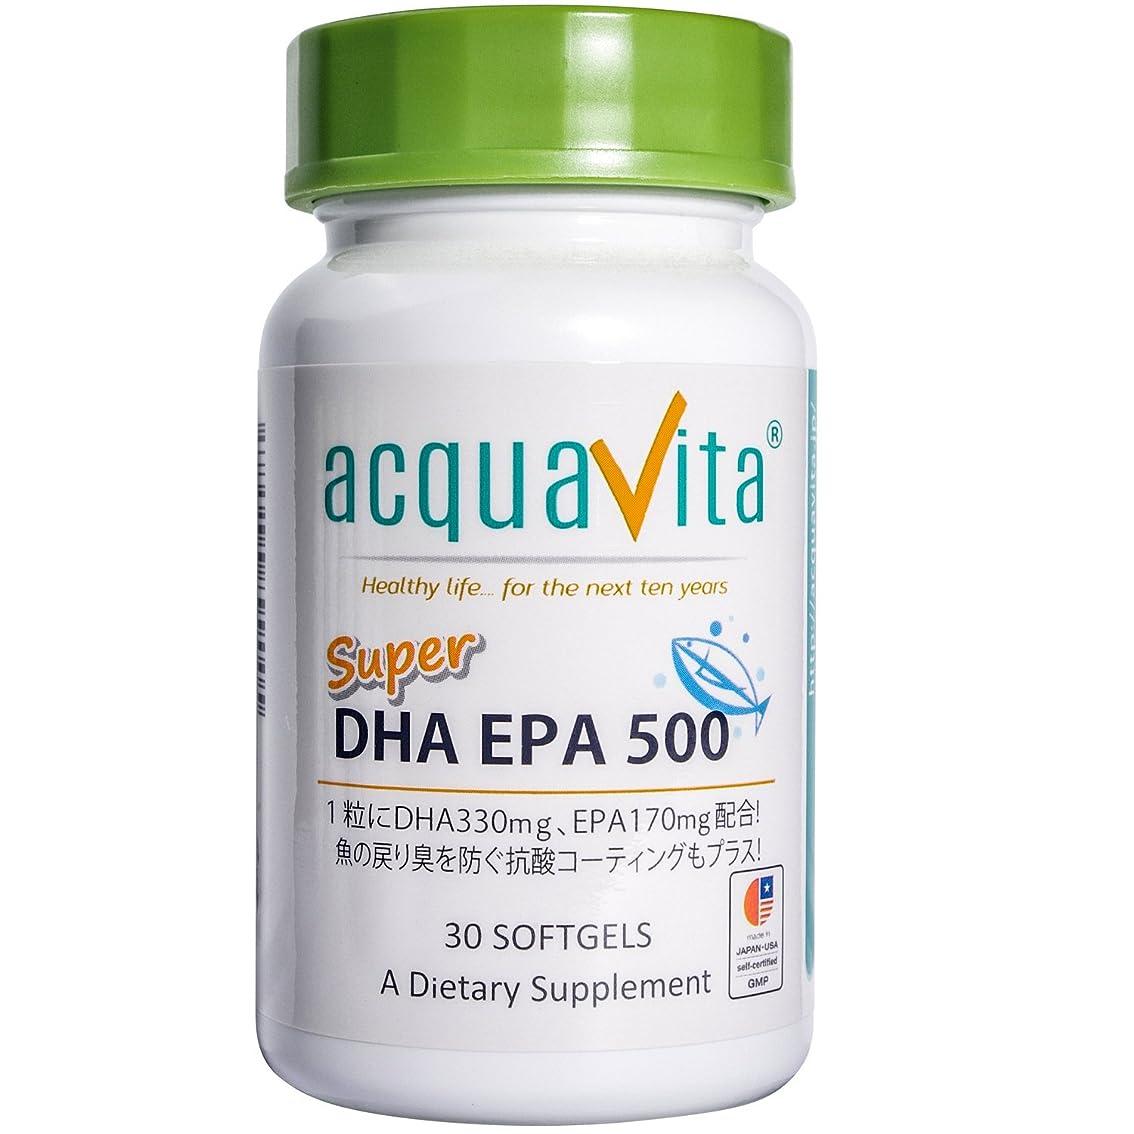 いたずら知覚する欠員acquavita(アクアヴィータ) スーパーDHAEPA500 30粒